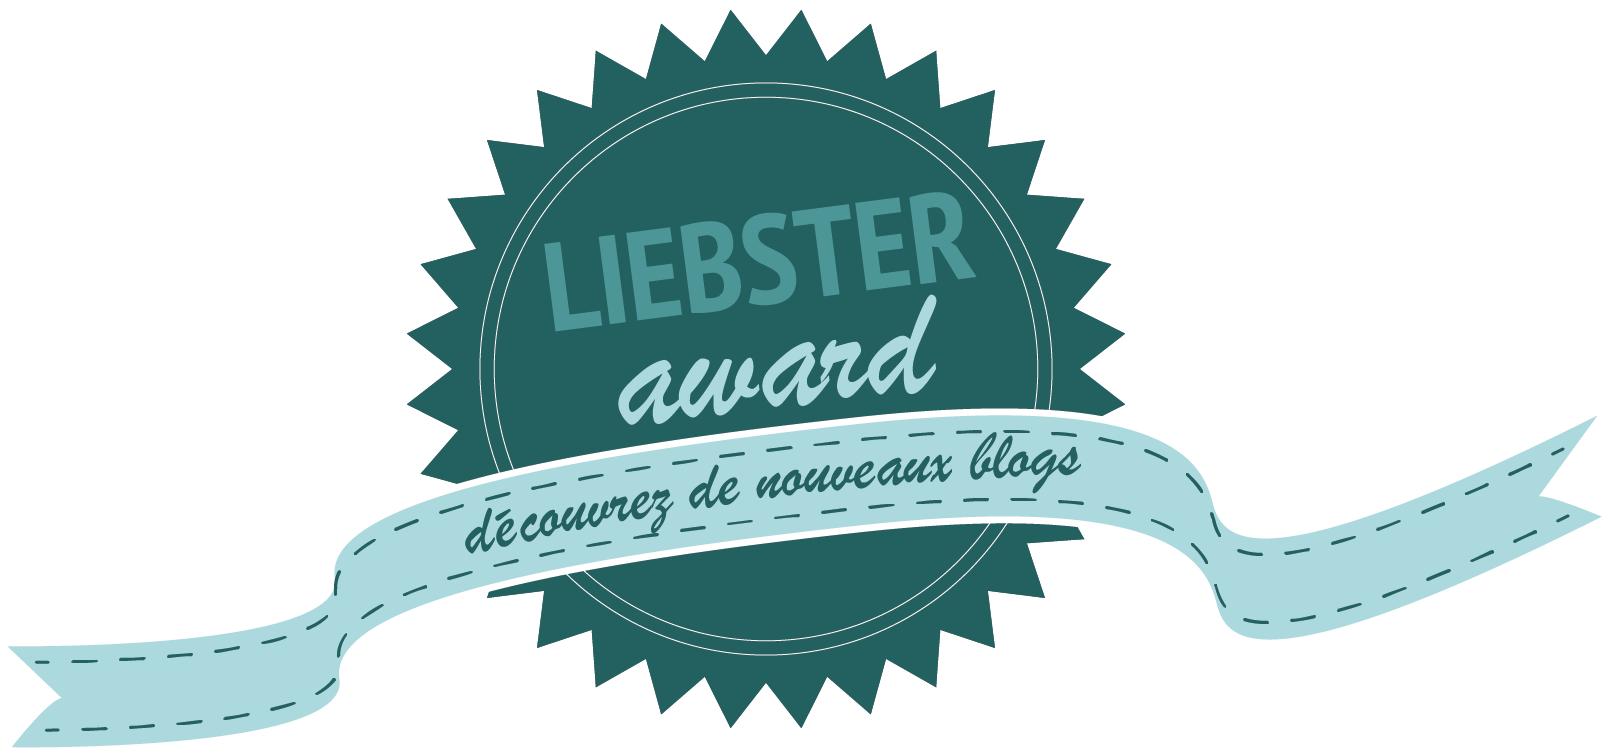 Liebster Award Hundeblog miDoggy